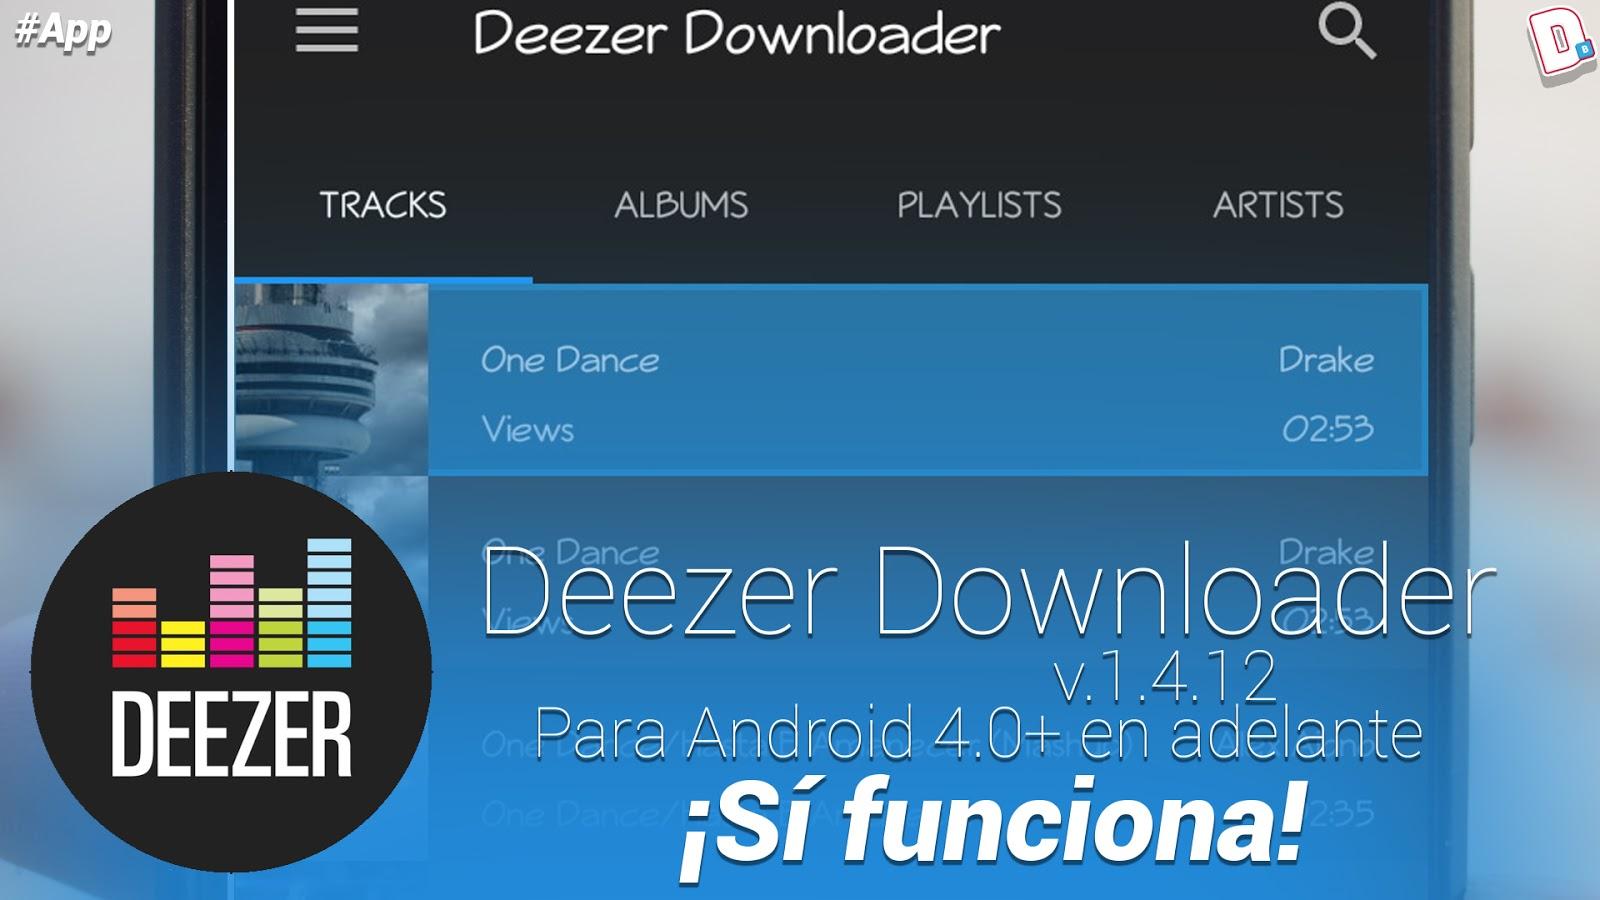 deezer downloader android app